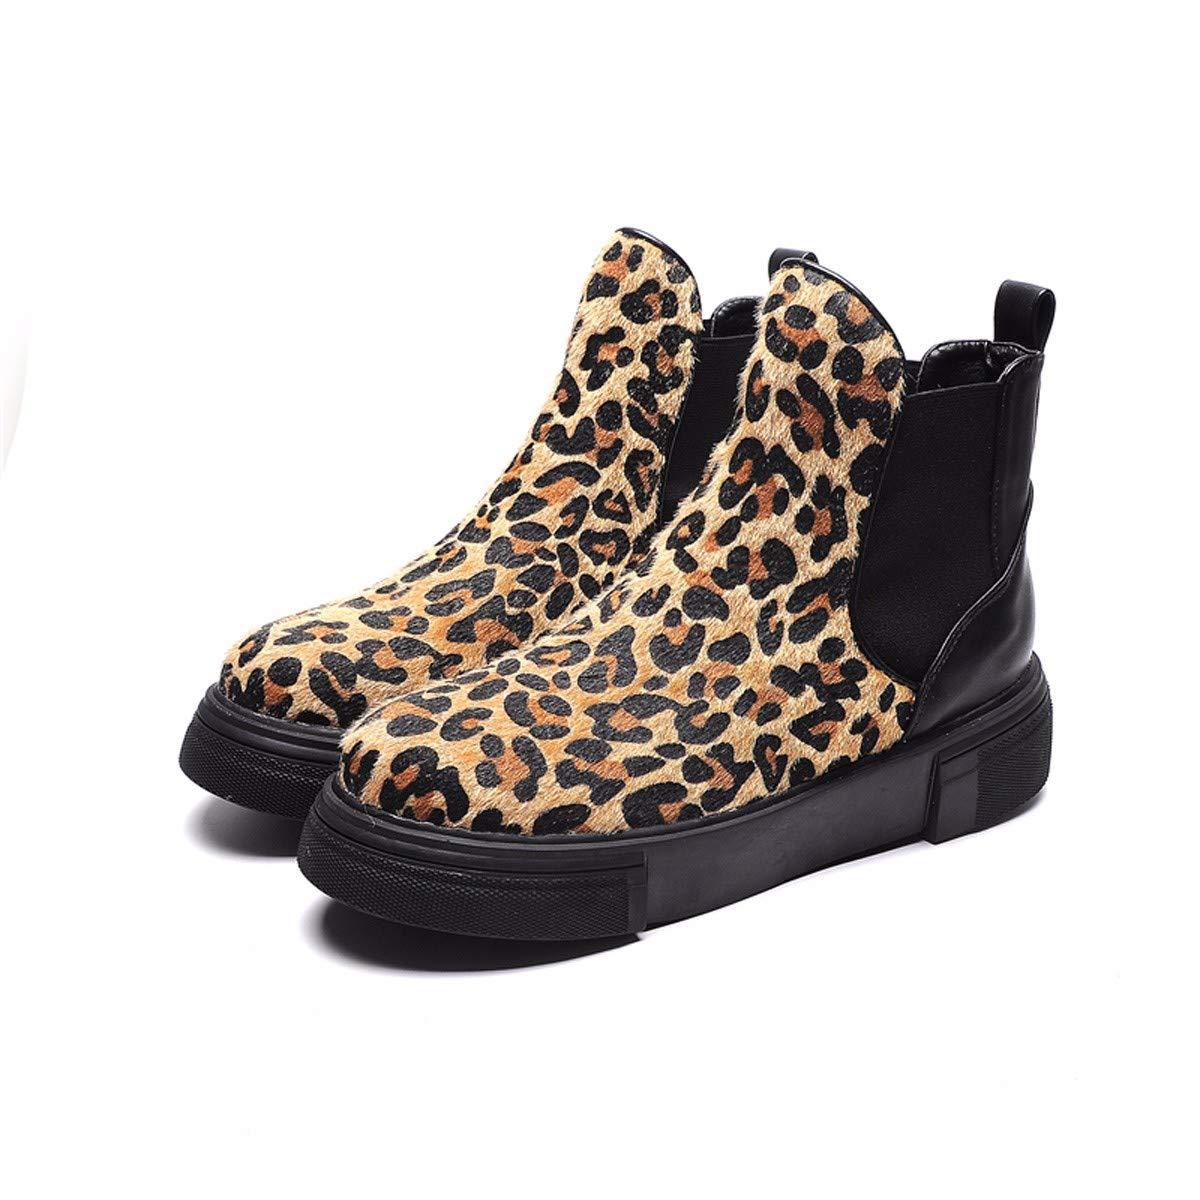 HBDLH Damenschuhe Damen - Stiefel, Komfortable, Flach und Dicken Boden 4Cm, Kurze Stiefel, Retro - Stiefel, Leopardenmuster.